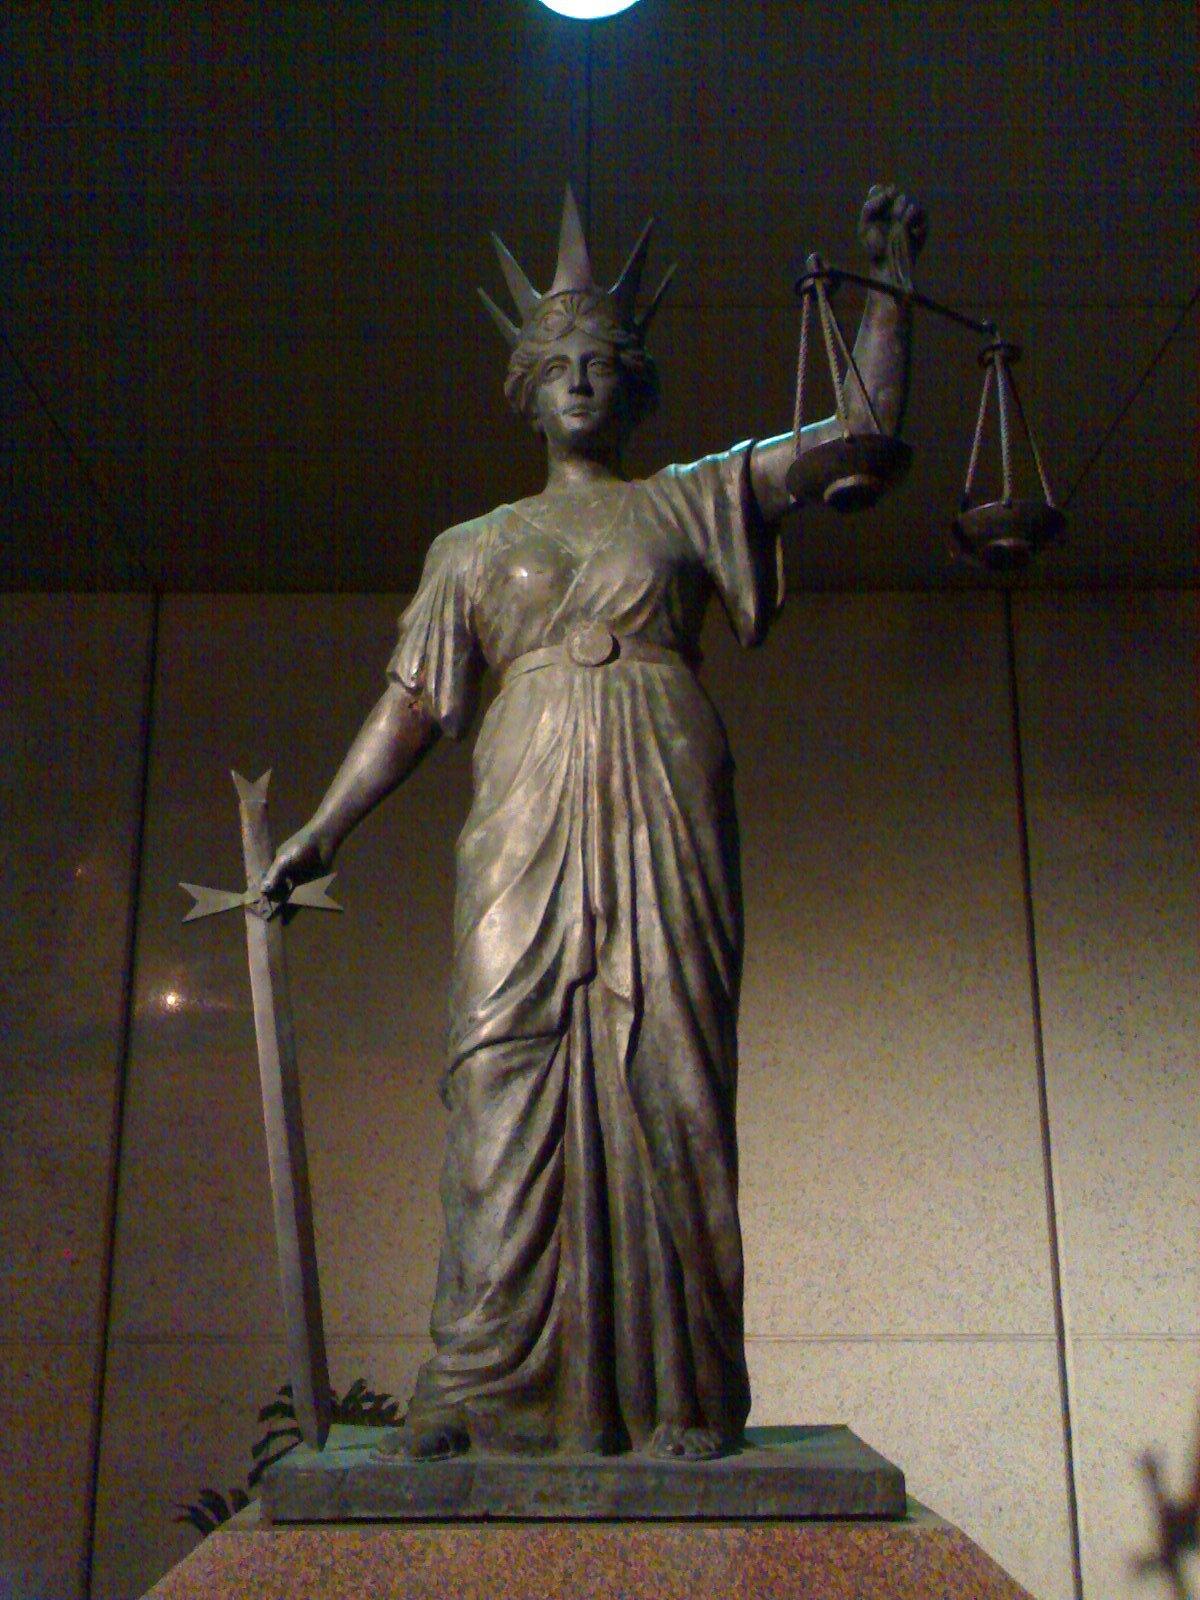 Posąg Temidy Źródło: Kiki1196, Posąg Temidy, licencja: CC 0.